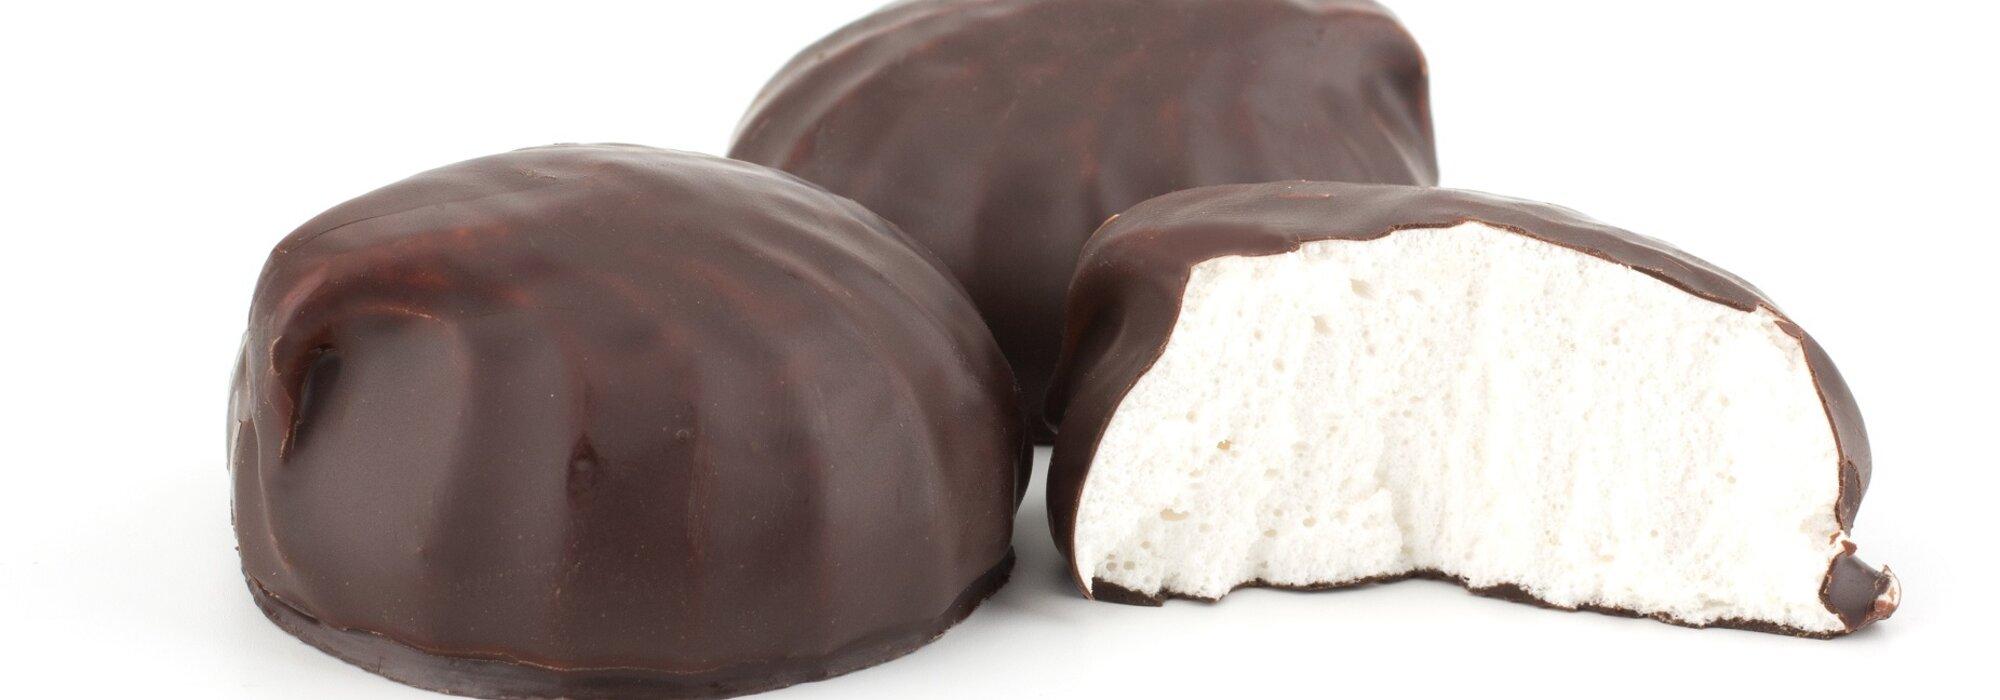 Koolhydraatarme en suikervrije marshmallows met chocolade